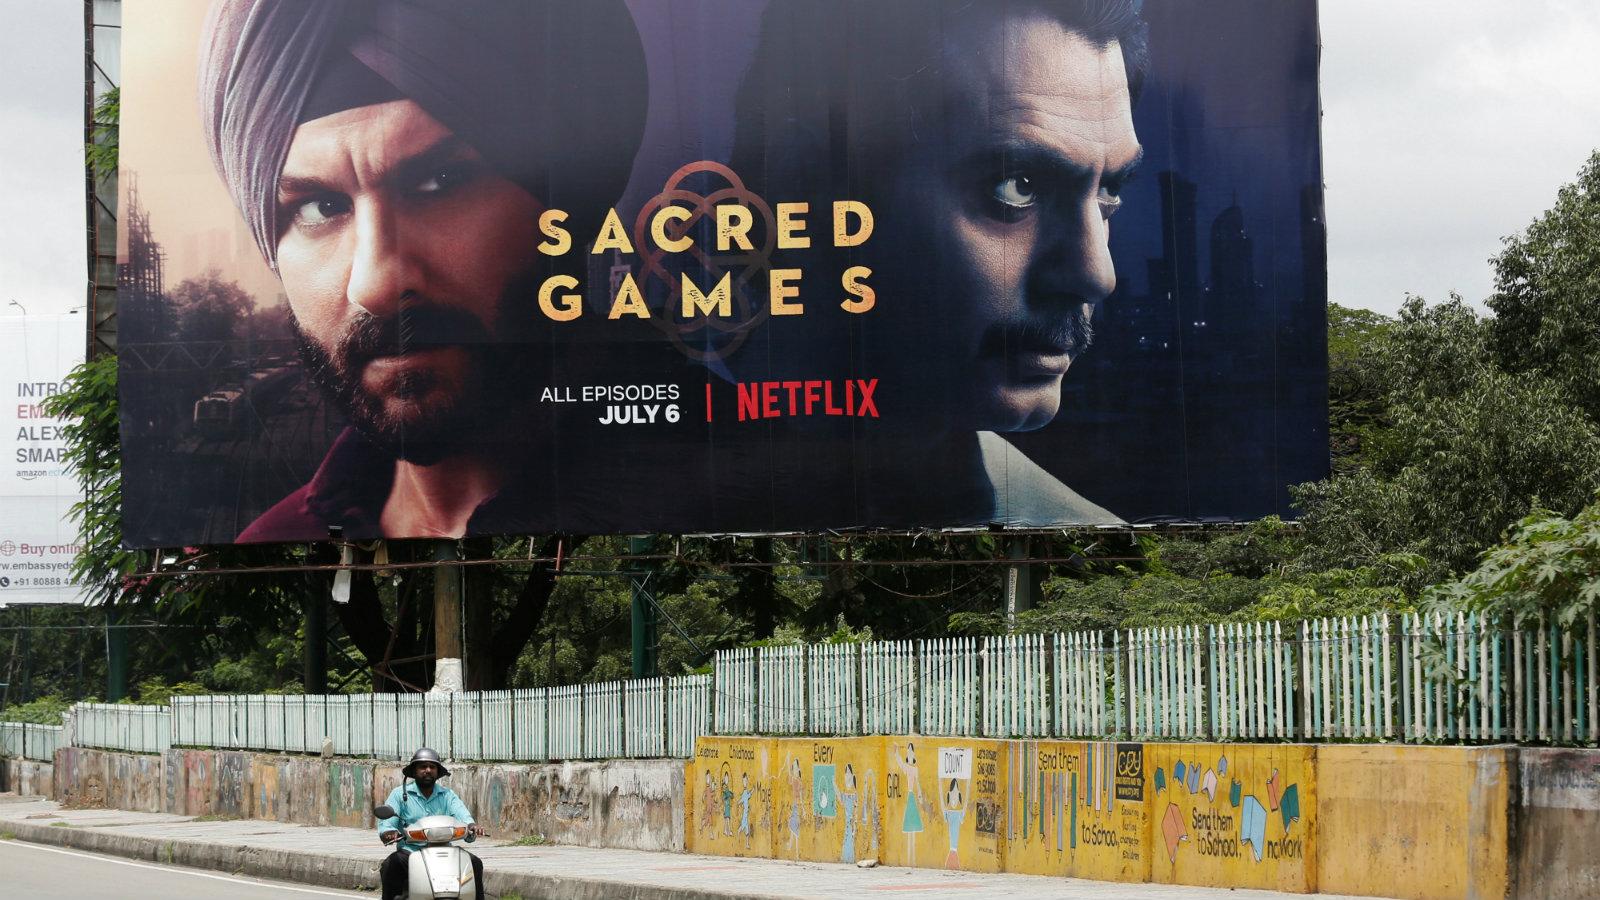 Netflix, Hotstar, Voot will self-censor video content in